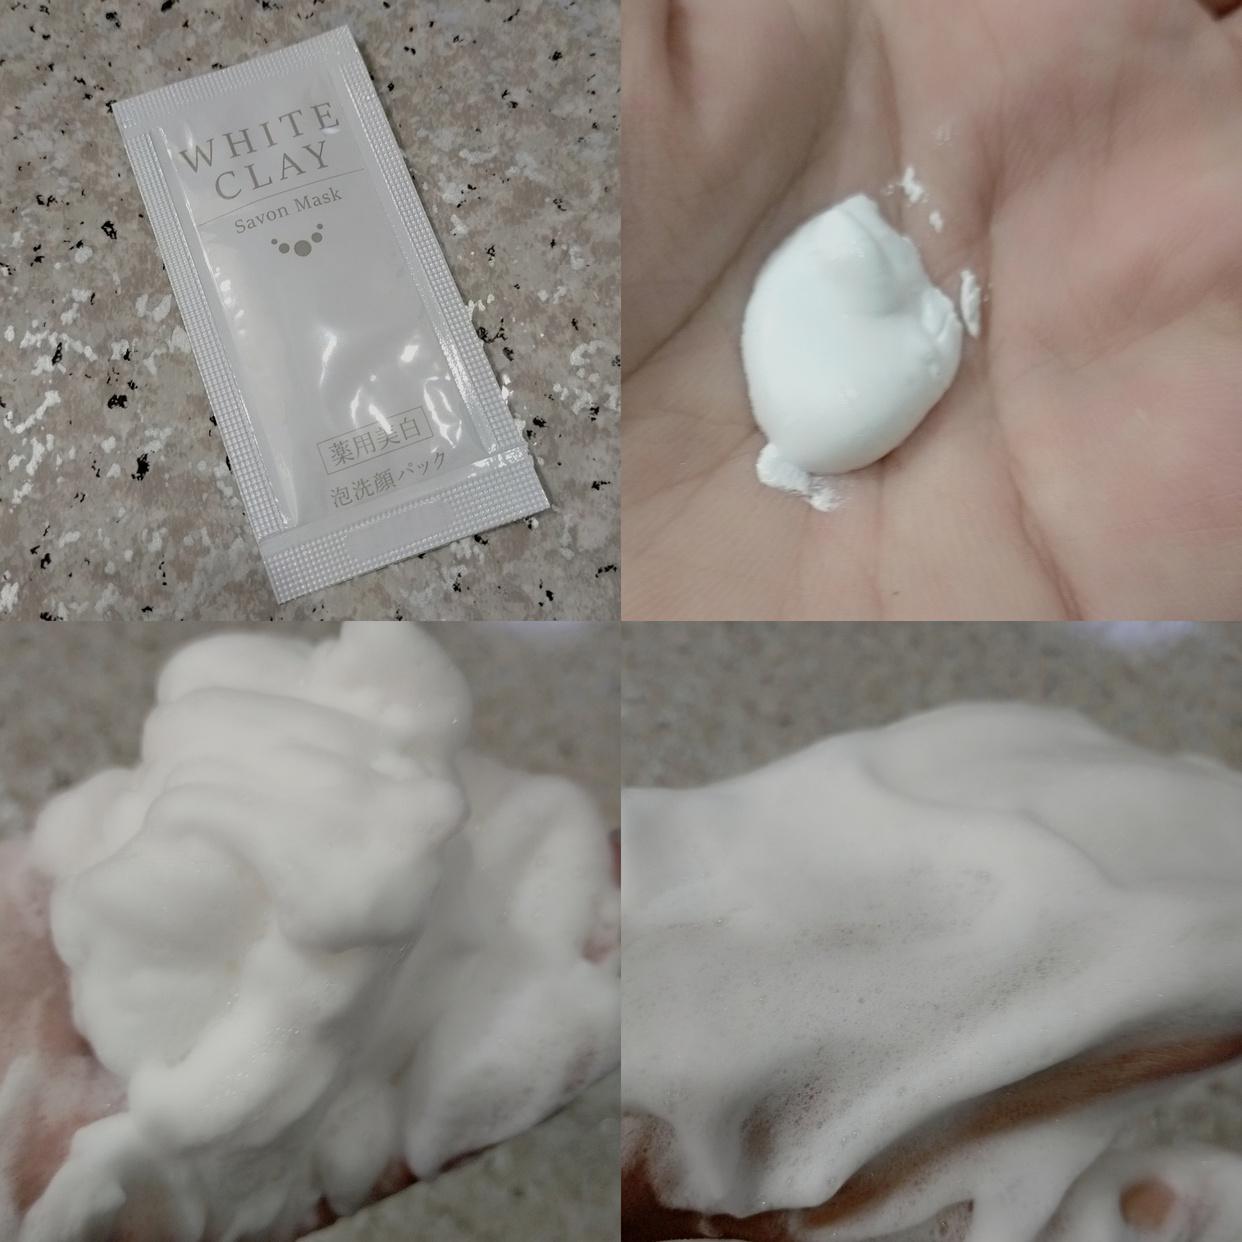 ル・ソイル ホワイトクレイ サボンマスクの良い点・メリットに関するみこさんの口コミ画像1